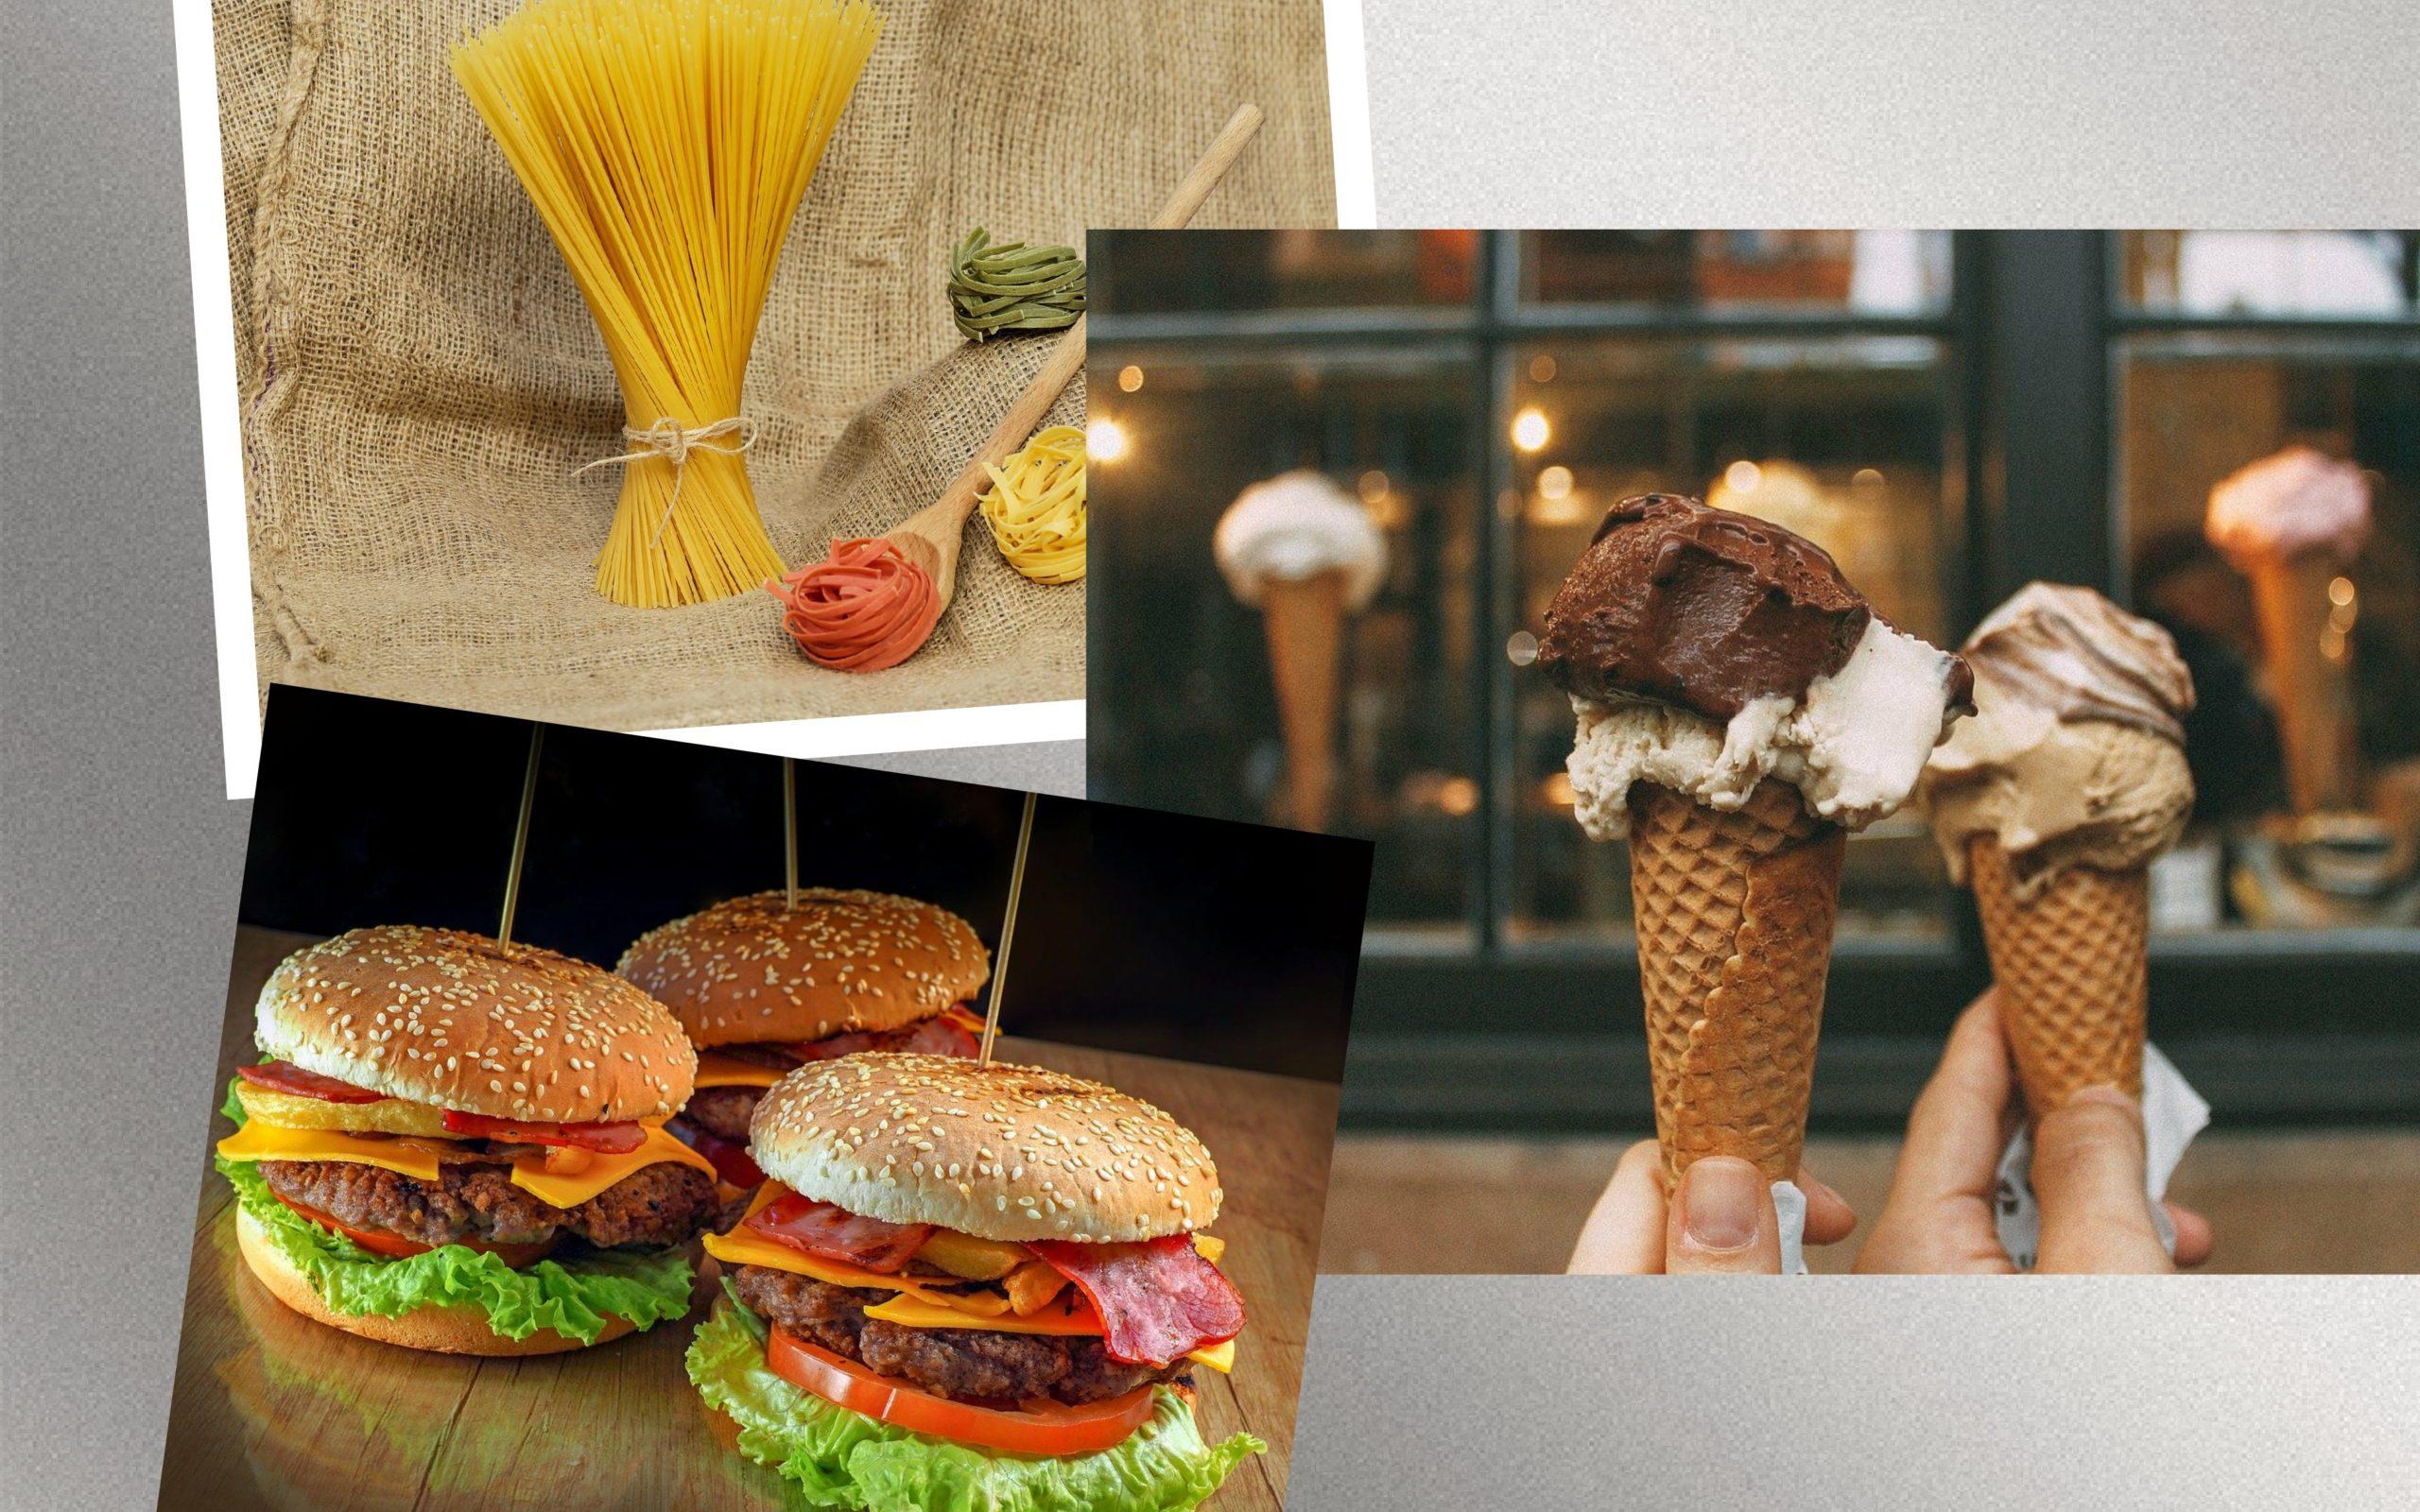 【ダイエット中でも甘いものを食べたい】甘いものを我慢しない4つの対処方法とルール